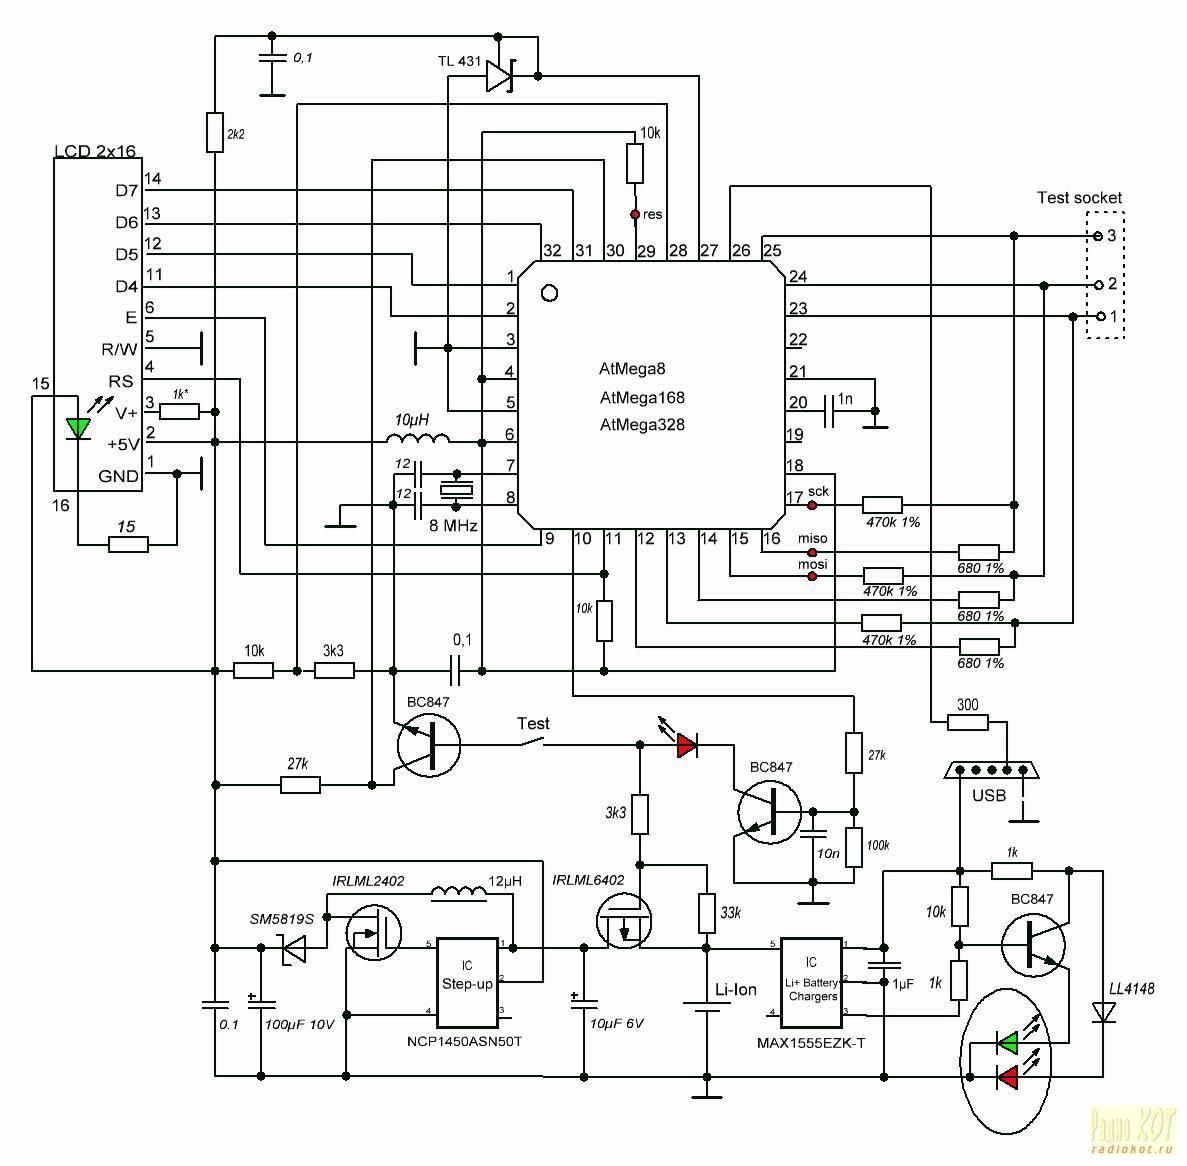 Транзистор тестер на atmega328 своими руками